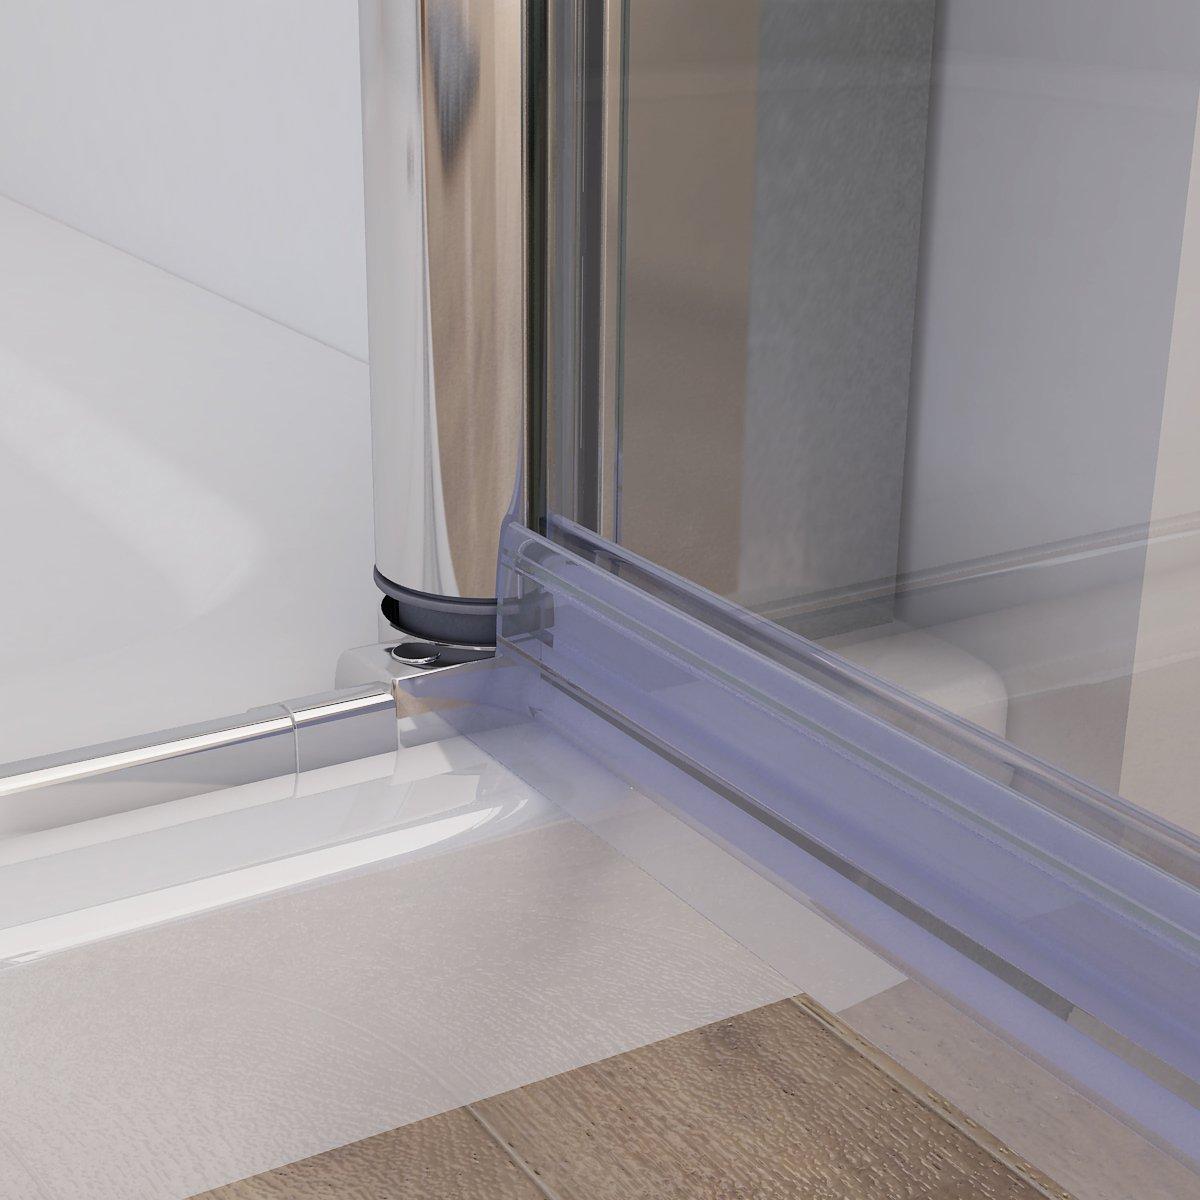 Duschkabine 75x75 cm Eckig Dusche Faltt/ür 70 Seitenwand 75 Duschwand NANO Glas 185cm